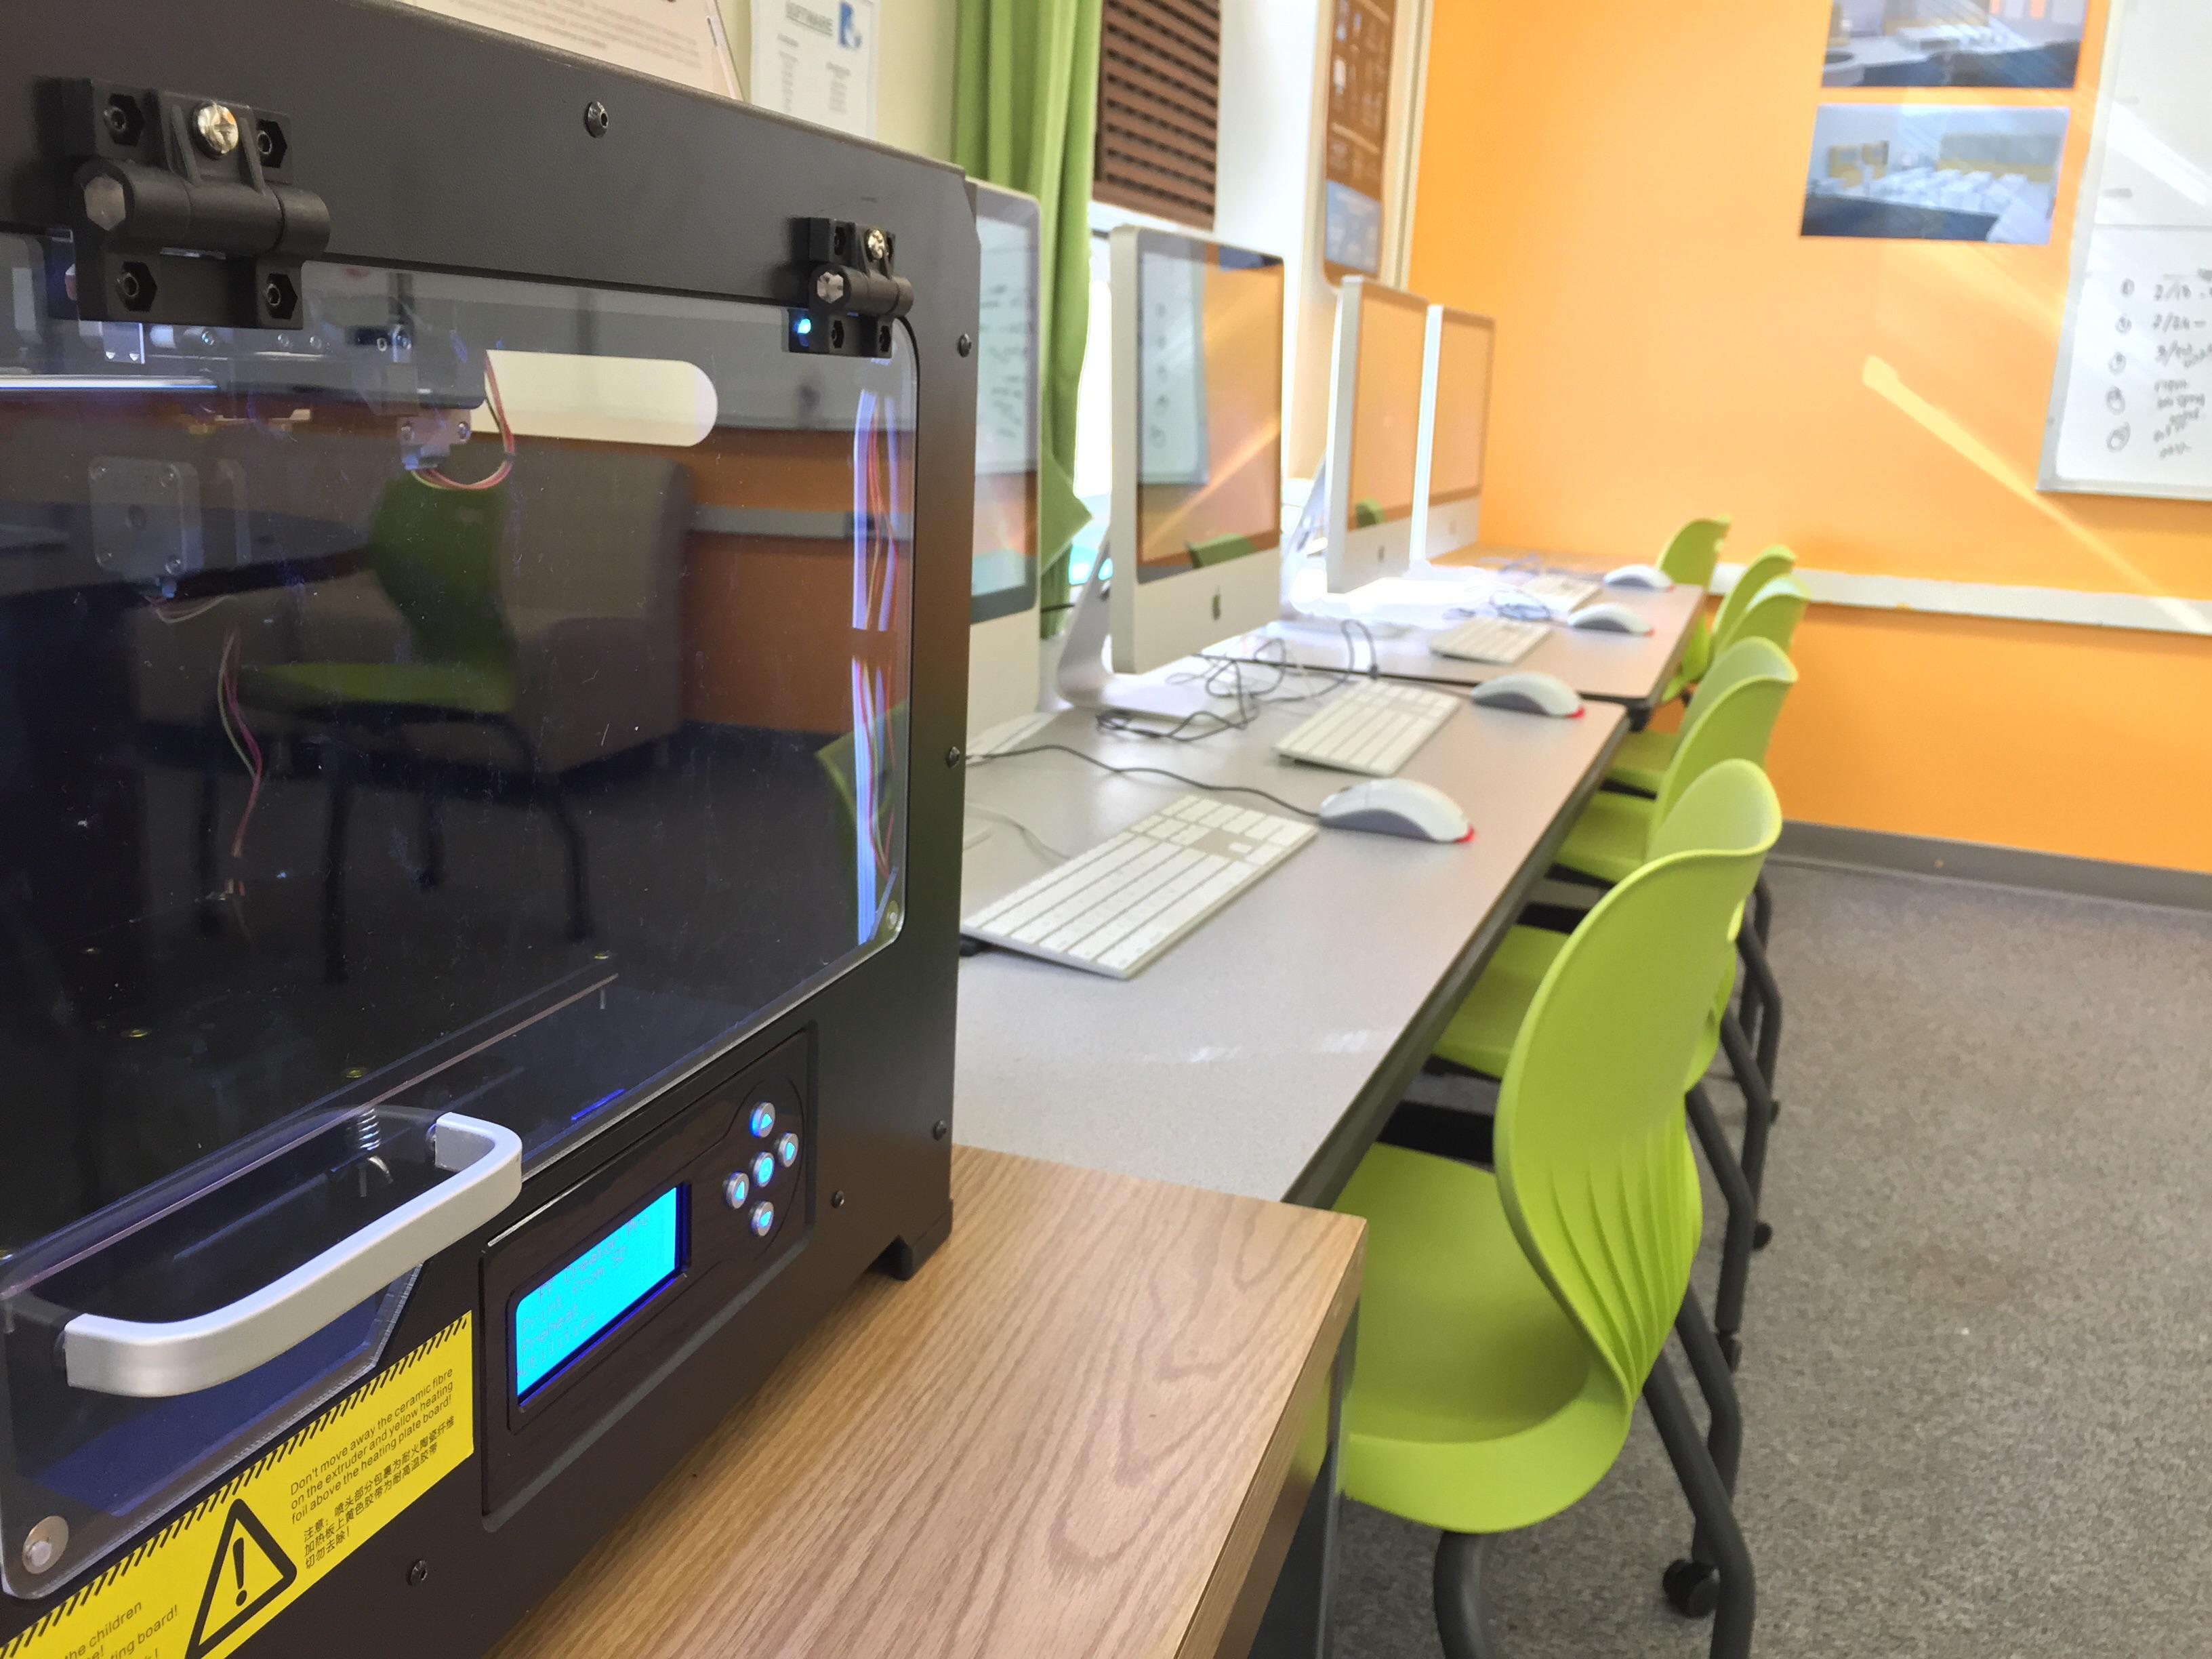 Innovation lab open innovation lab for Innovation lab